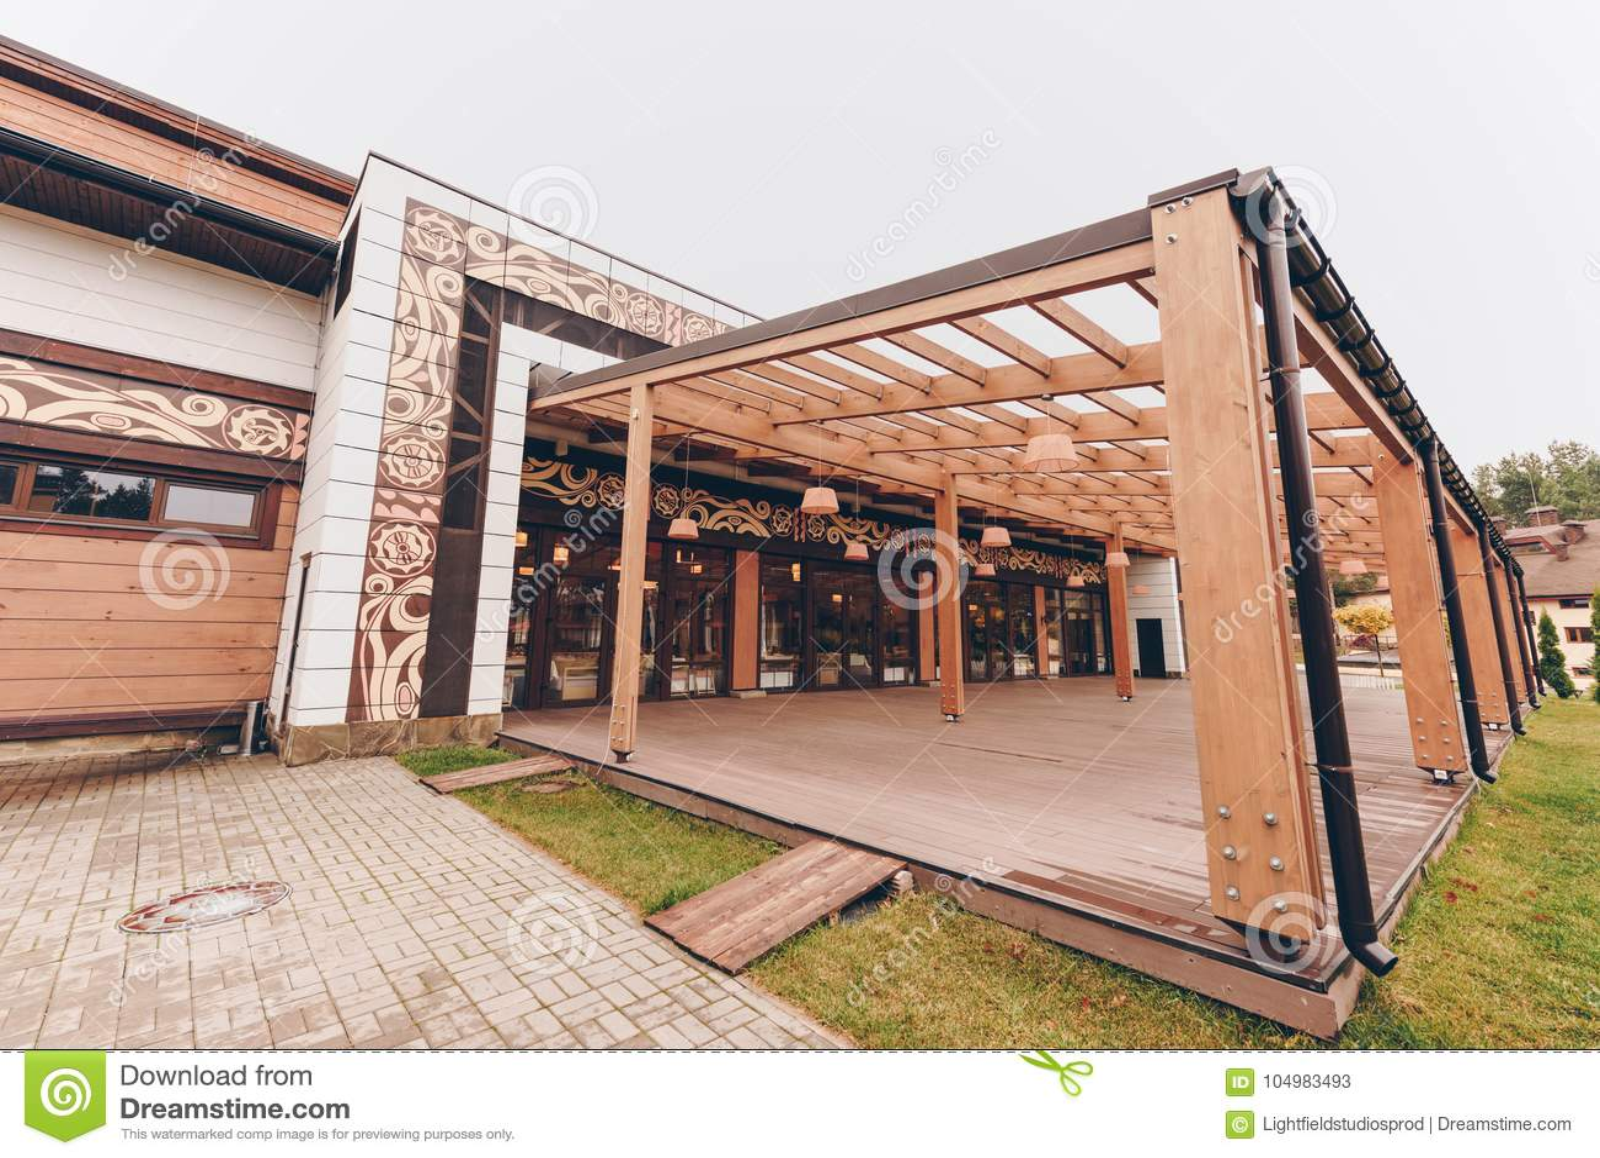 Plattelandsrestaurant met houten decoratie stock for Houten schijven decoratie